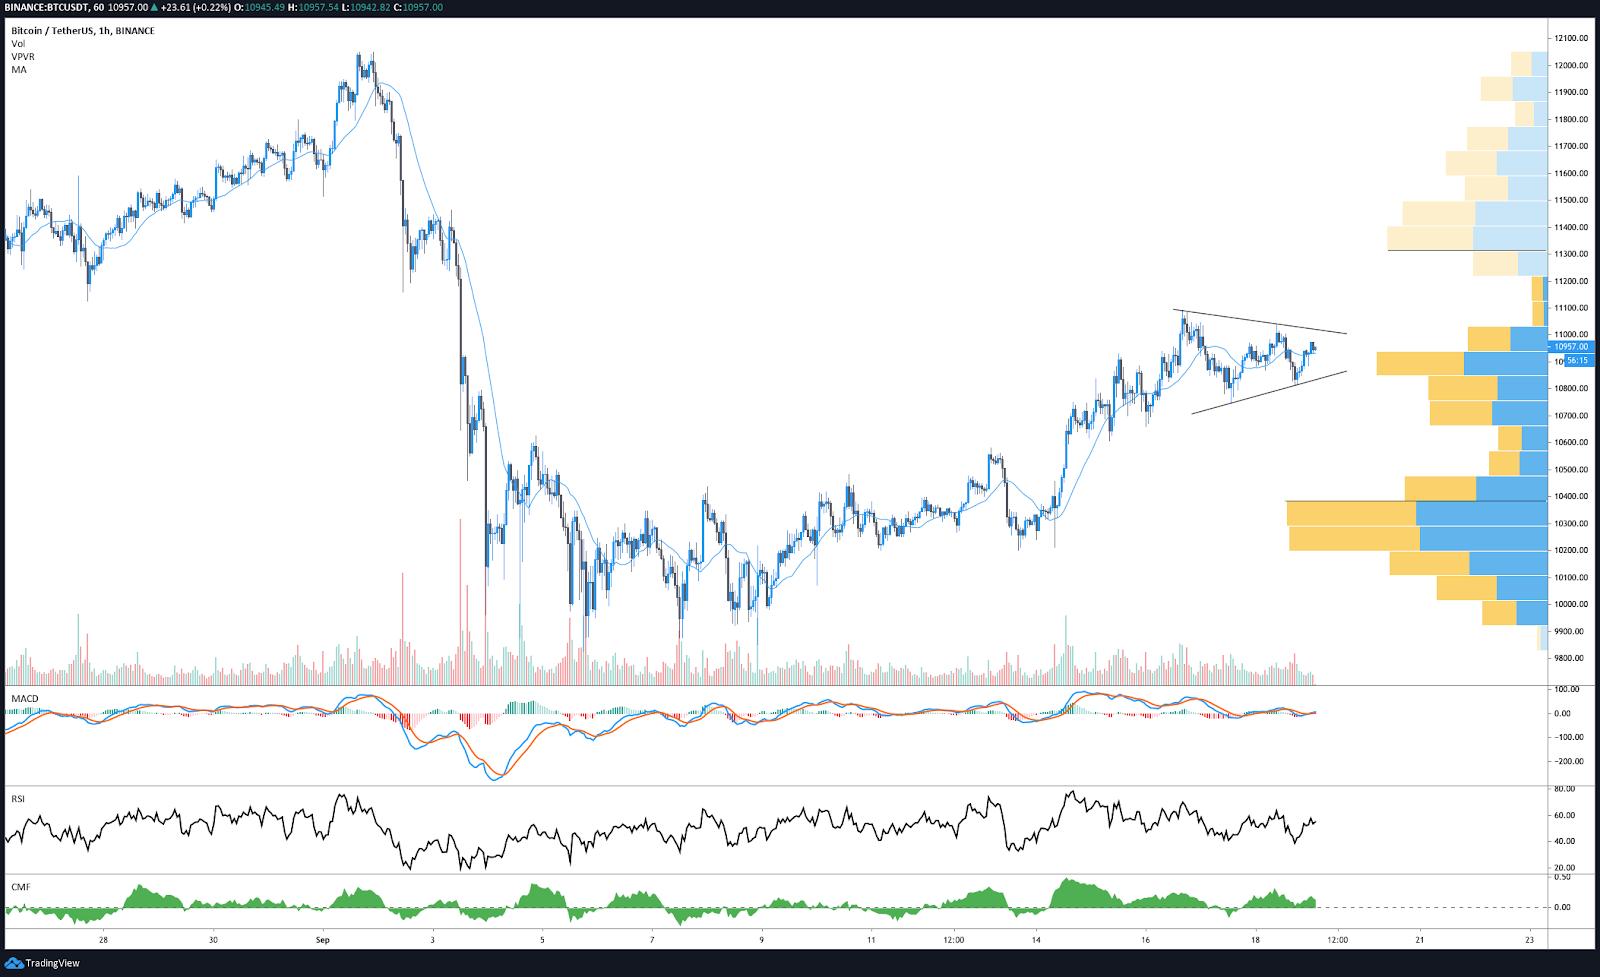 BTC/USDT 1-hr chart